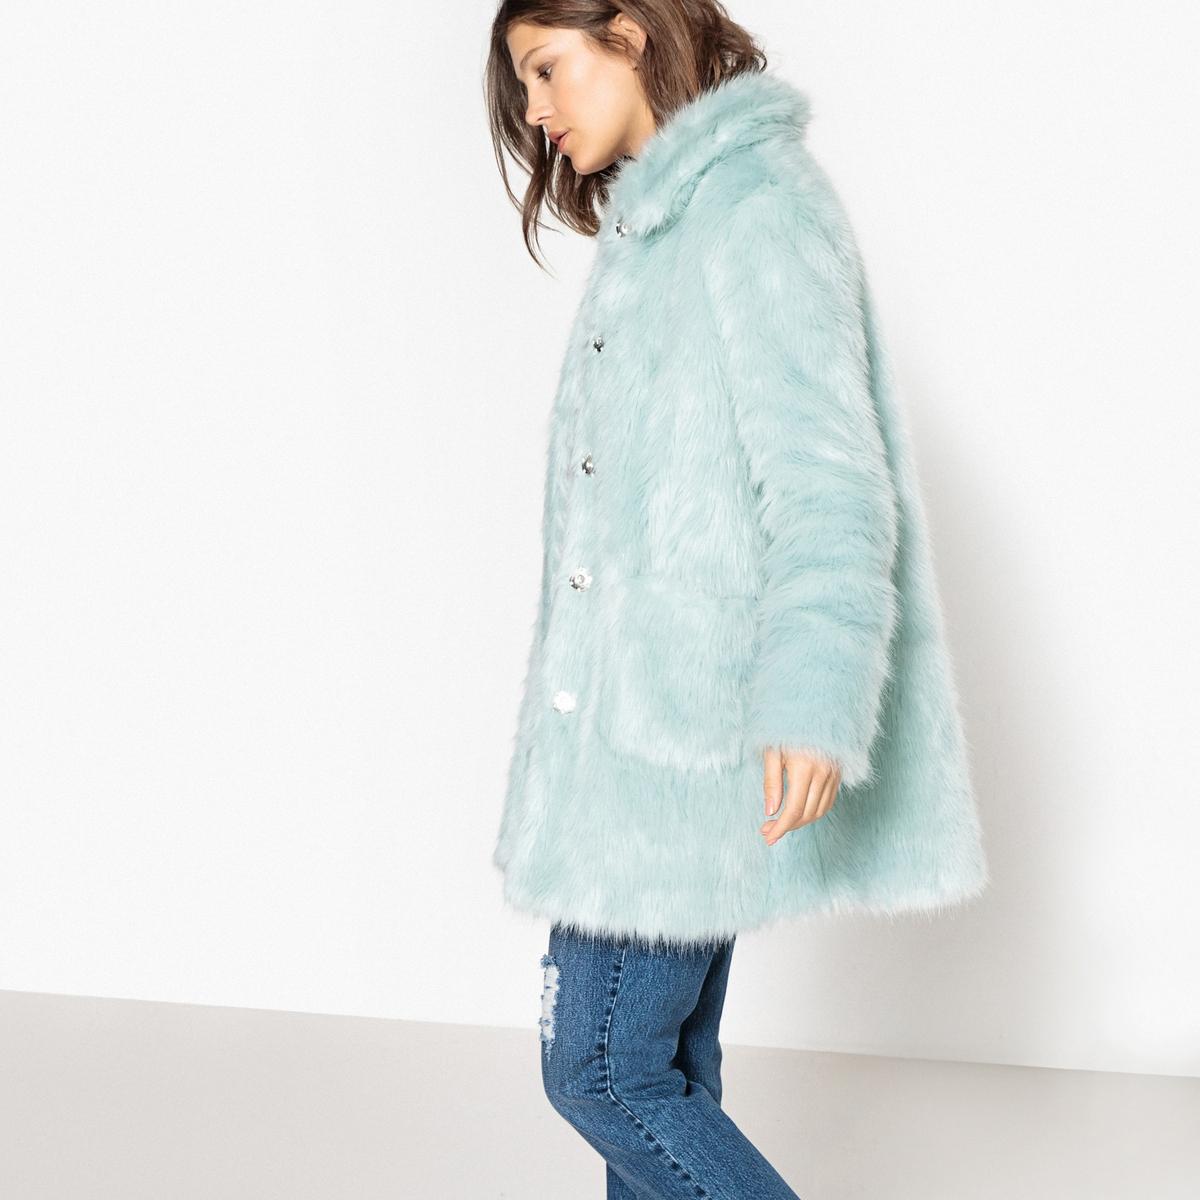 Пальто из цветного искусственного мехаВыберите это пальто из искусственного меха, чтобы быть на пике моды . Вам понравится это тневероятно мягкое пальто с искусственным мехом .Детали •  Длина : средняя •  Воротник-поло, рубашечный •  Застежка на кнопкиСостав и уход •  100% полиэстер •  Подкладка : 100% полиэстер • Не стирать •  Любые растворители / не отбеливать   •  Не использовать барабанную сушку  •  Не гладить •  Длина : 83 см<br><br>Цвет: бирюзовый<br>Размер: 46 (FR) - 52 (RUS).44 (FR) - 50 (RUS).42 (FR) - 48 (RUS).38 (FR) - 44 (RUS).36 (FR) - 42 (RUS)